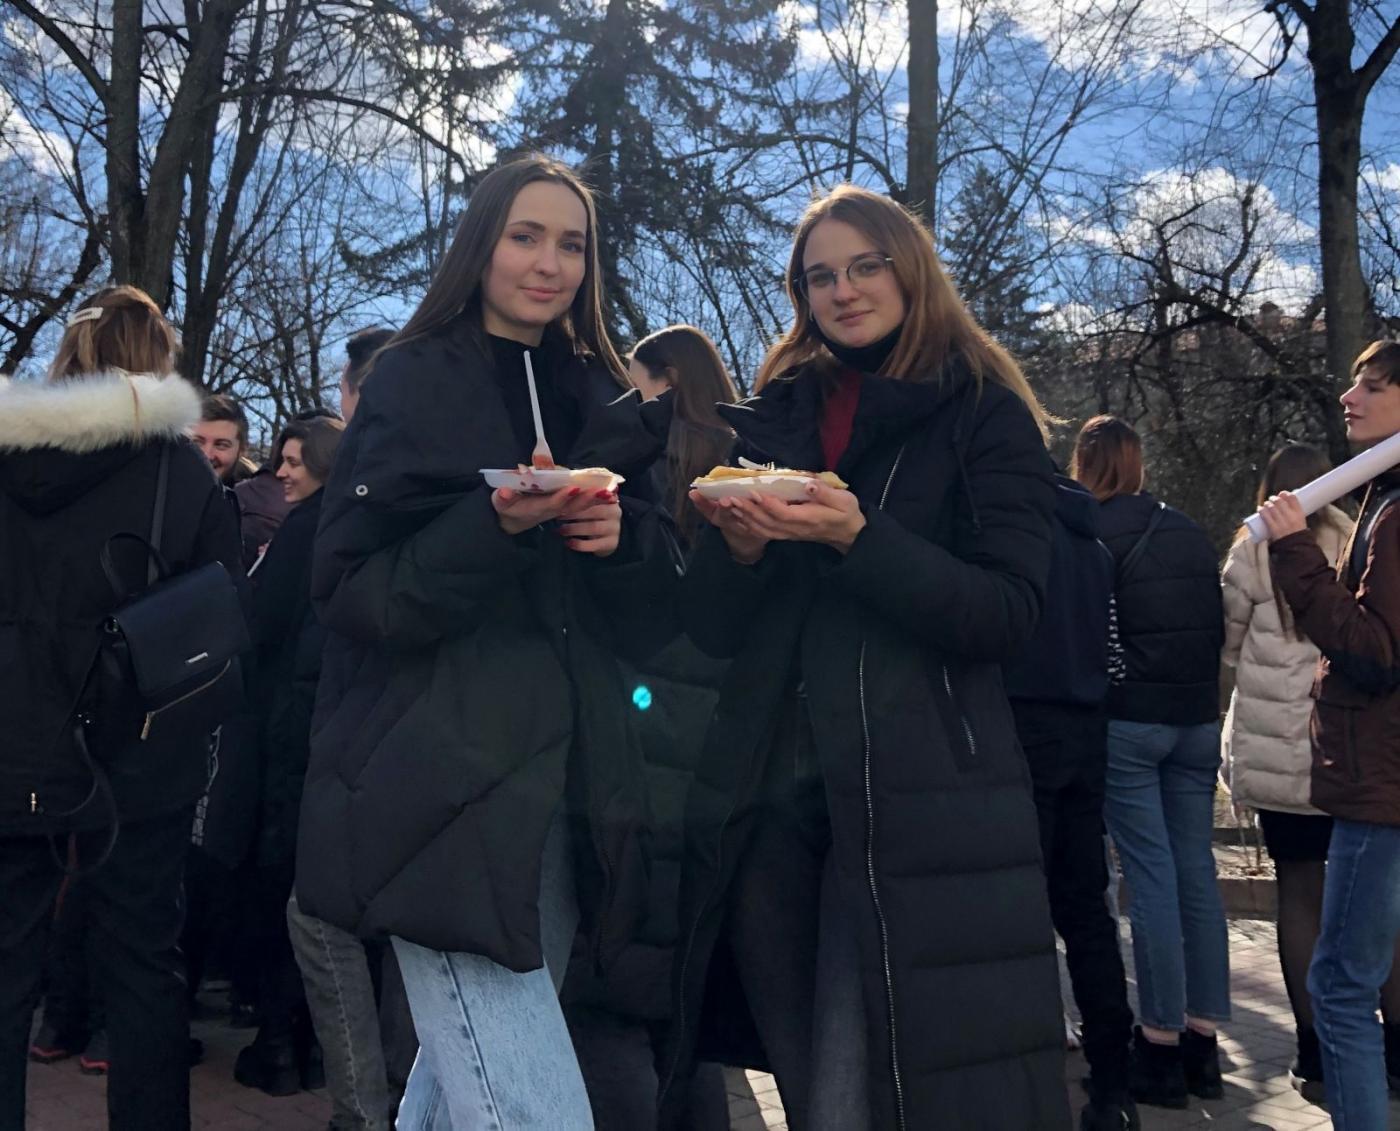 Встречаем весну: возле главного корпуса БНТУ было организовано празднование Масленицы